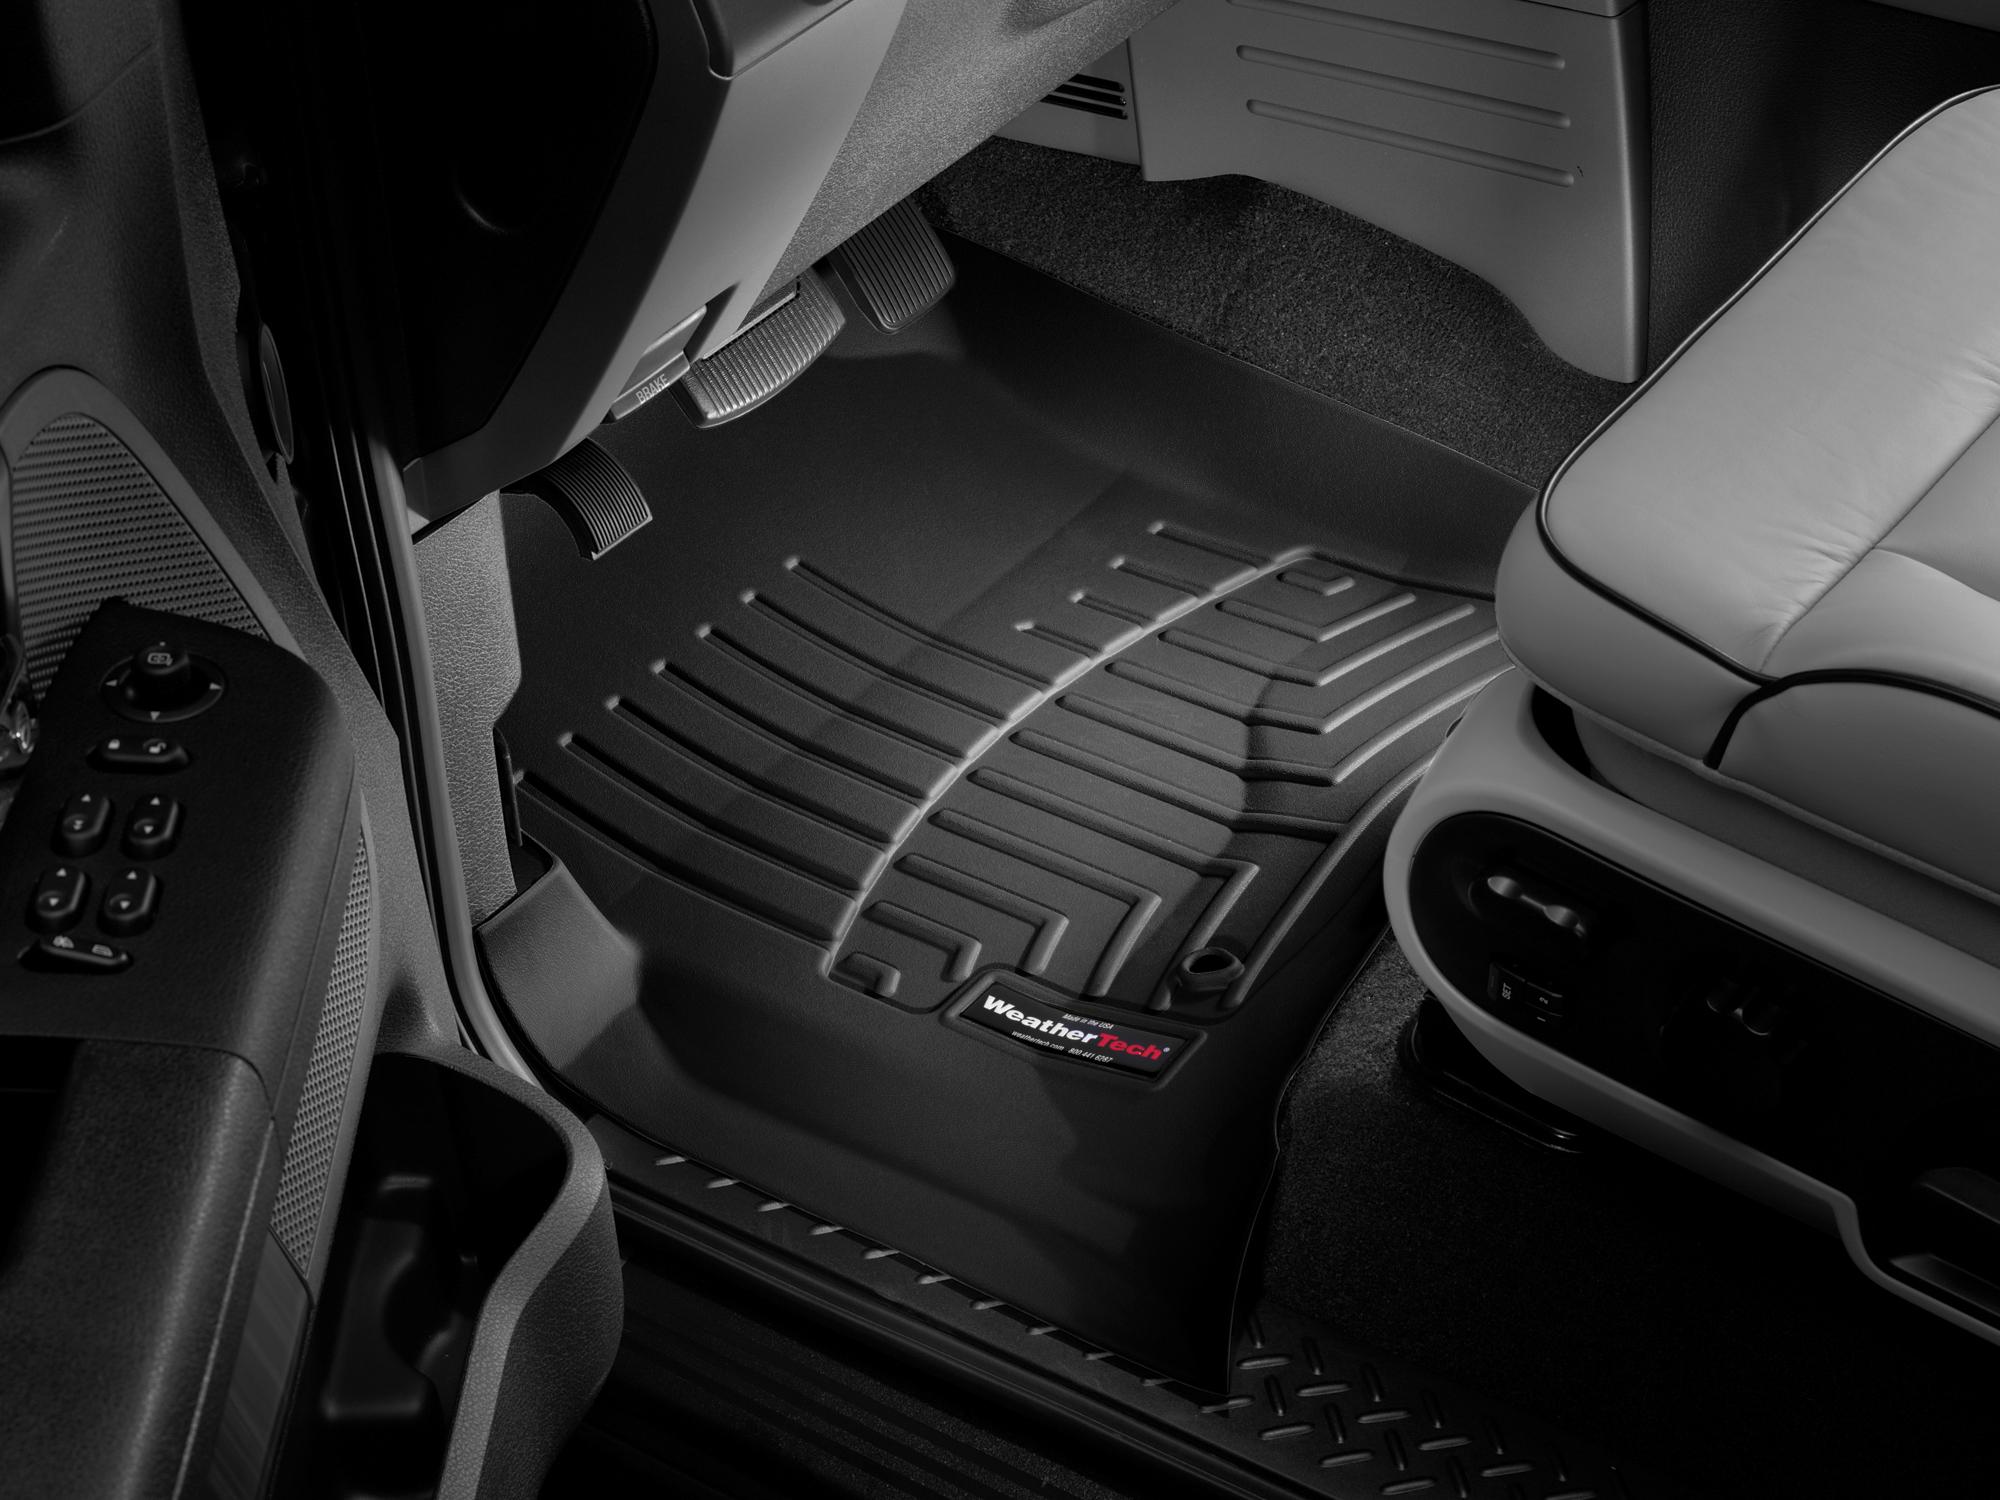 Tappeti gomma su misura bordo alto Ford F-150 04>04 Nero A887*